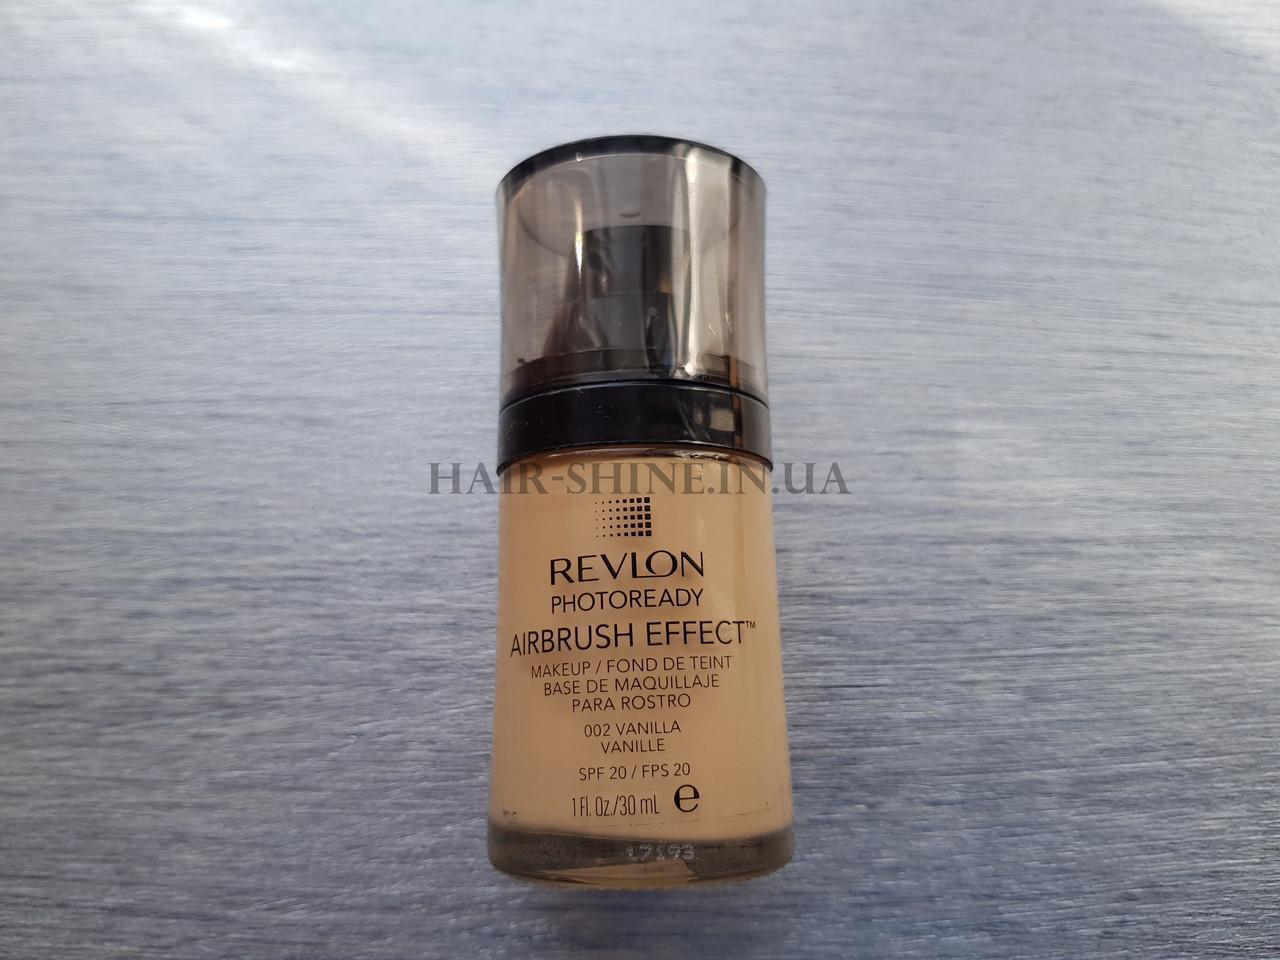 Тональный Крем Revlon Photoready Airbrush Effect Makeup Vanilla 002 30 мл